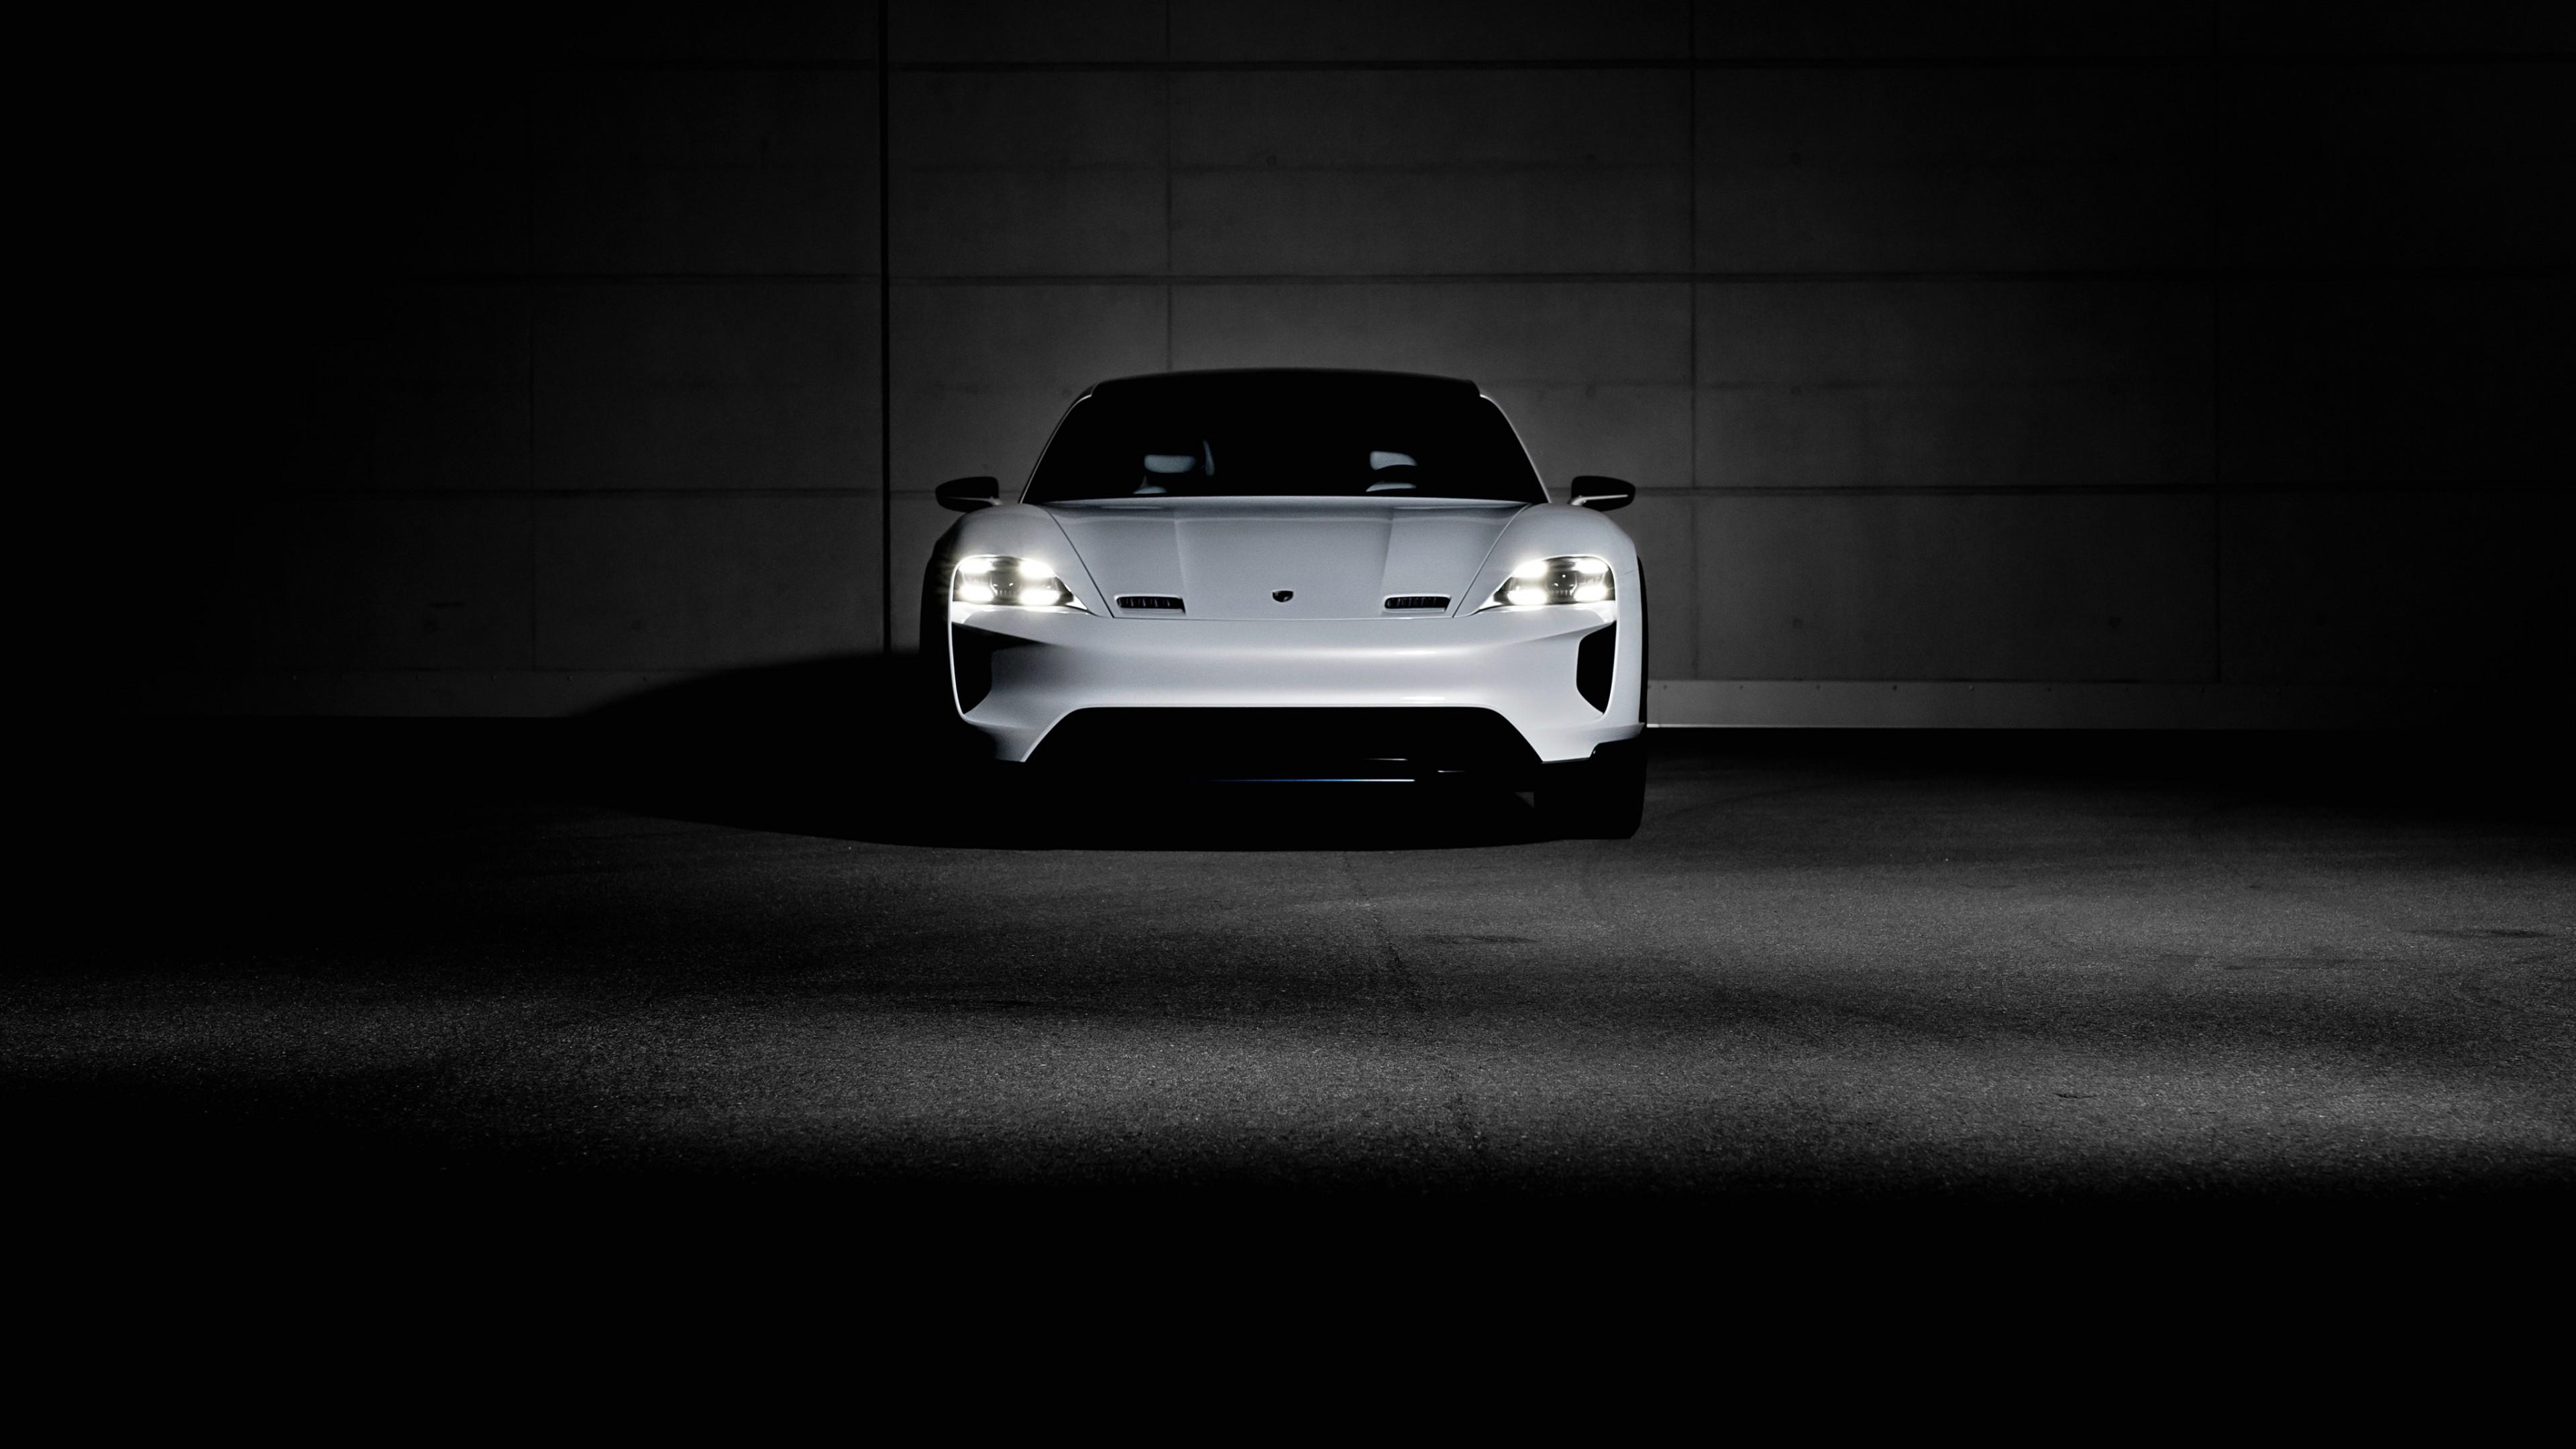 2018 Porsche Mission E Cross Turismo 4K 15 Wallpaper